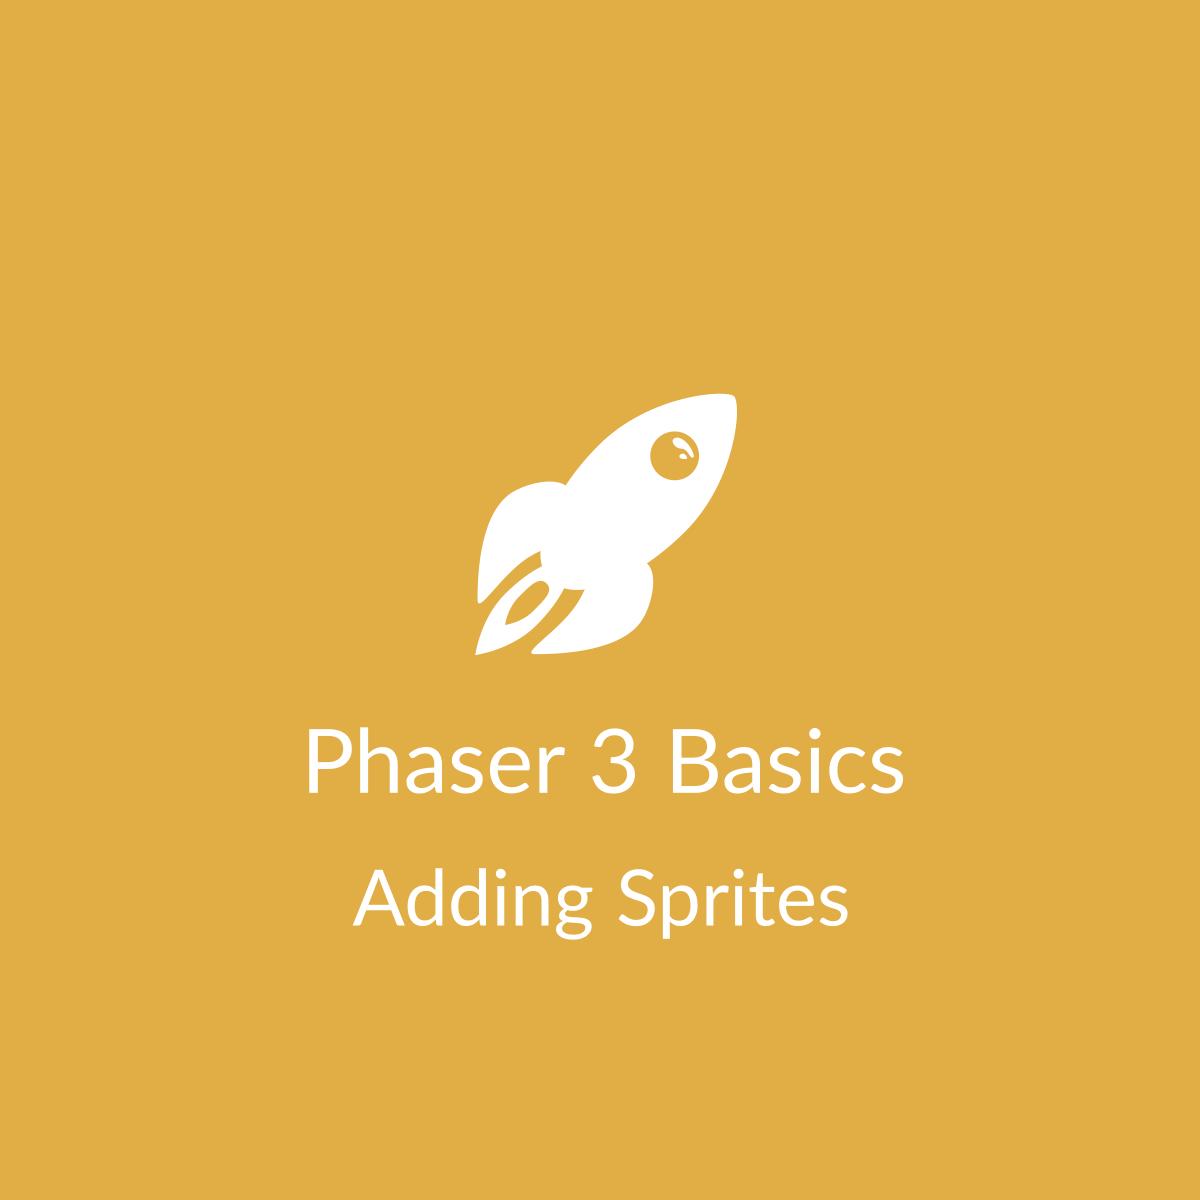 Phaser 3 Basics: Adding Sprites